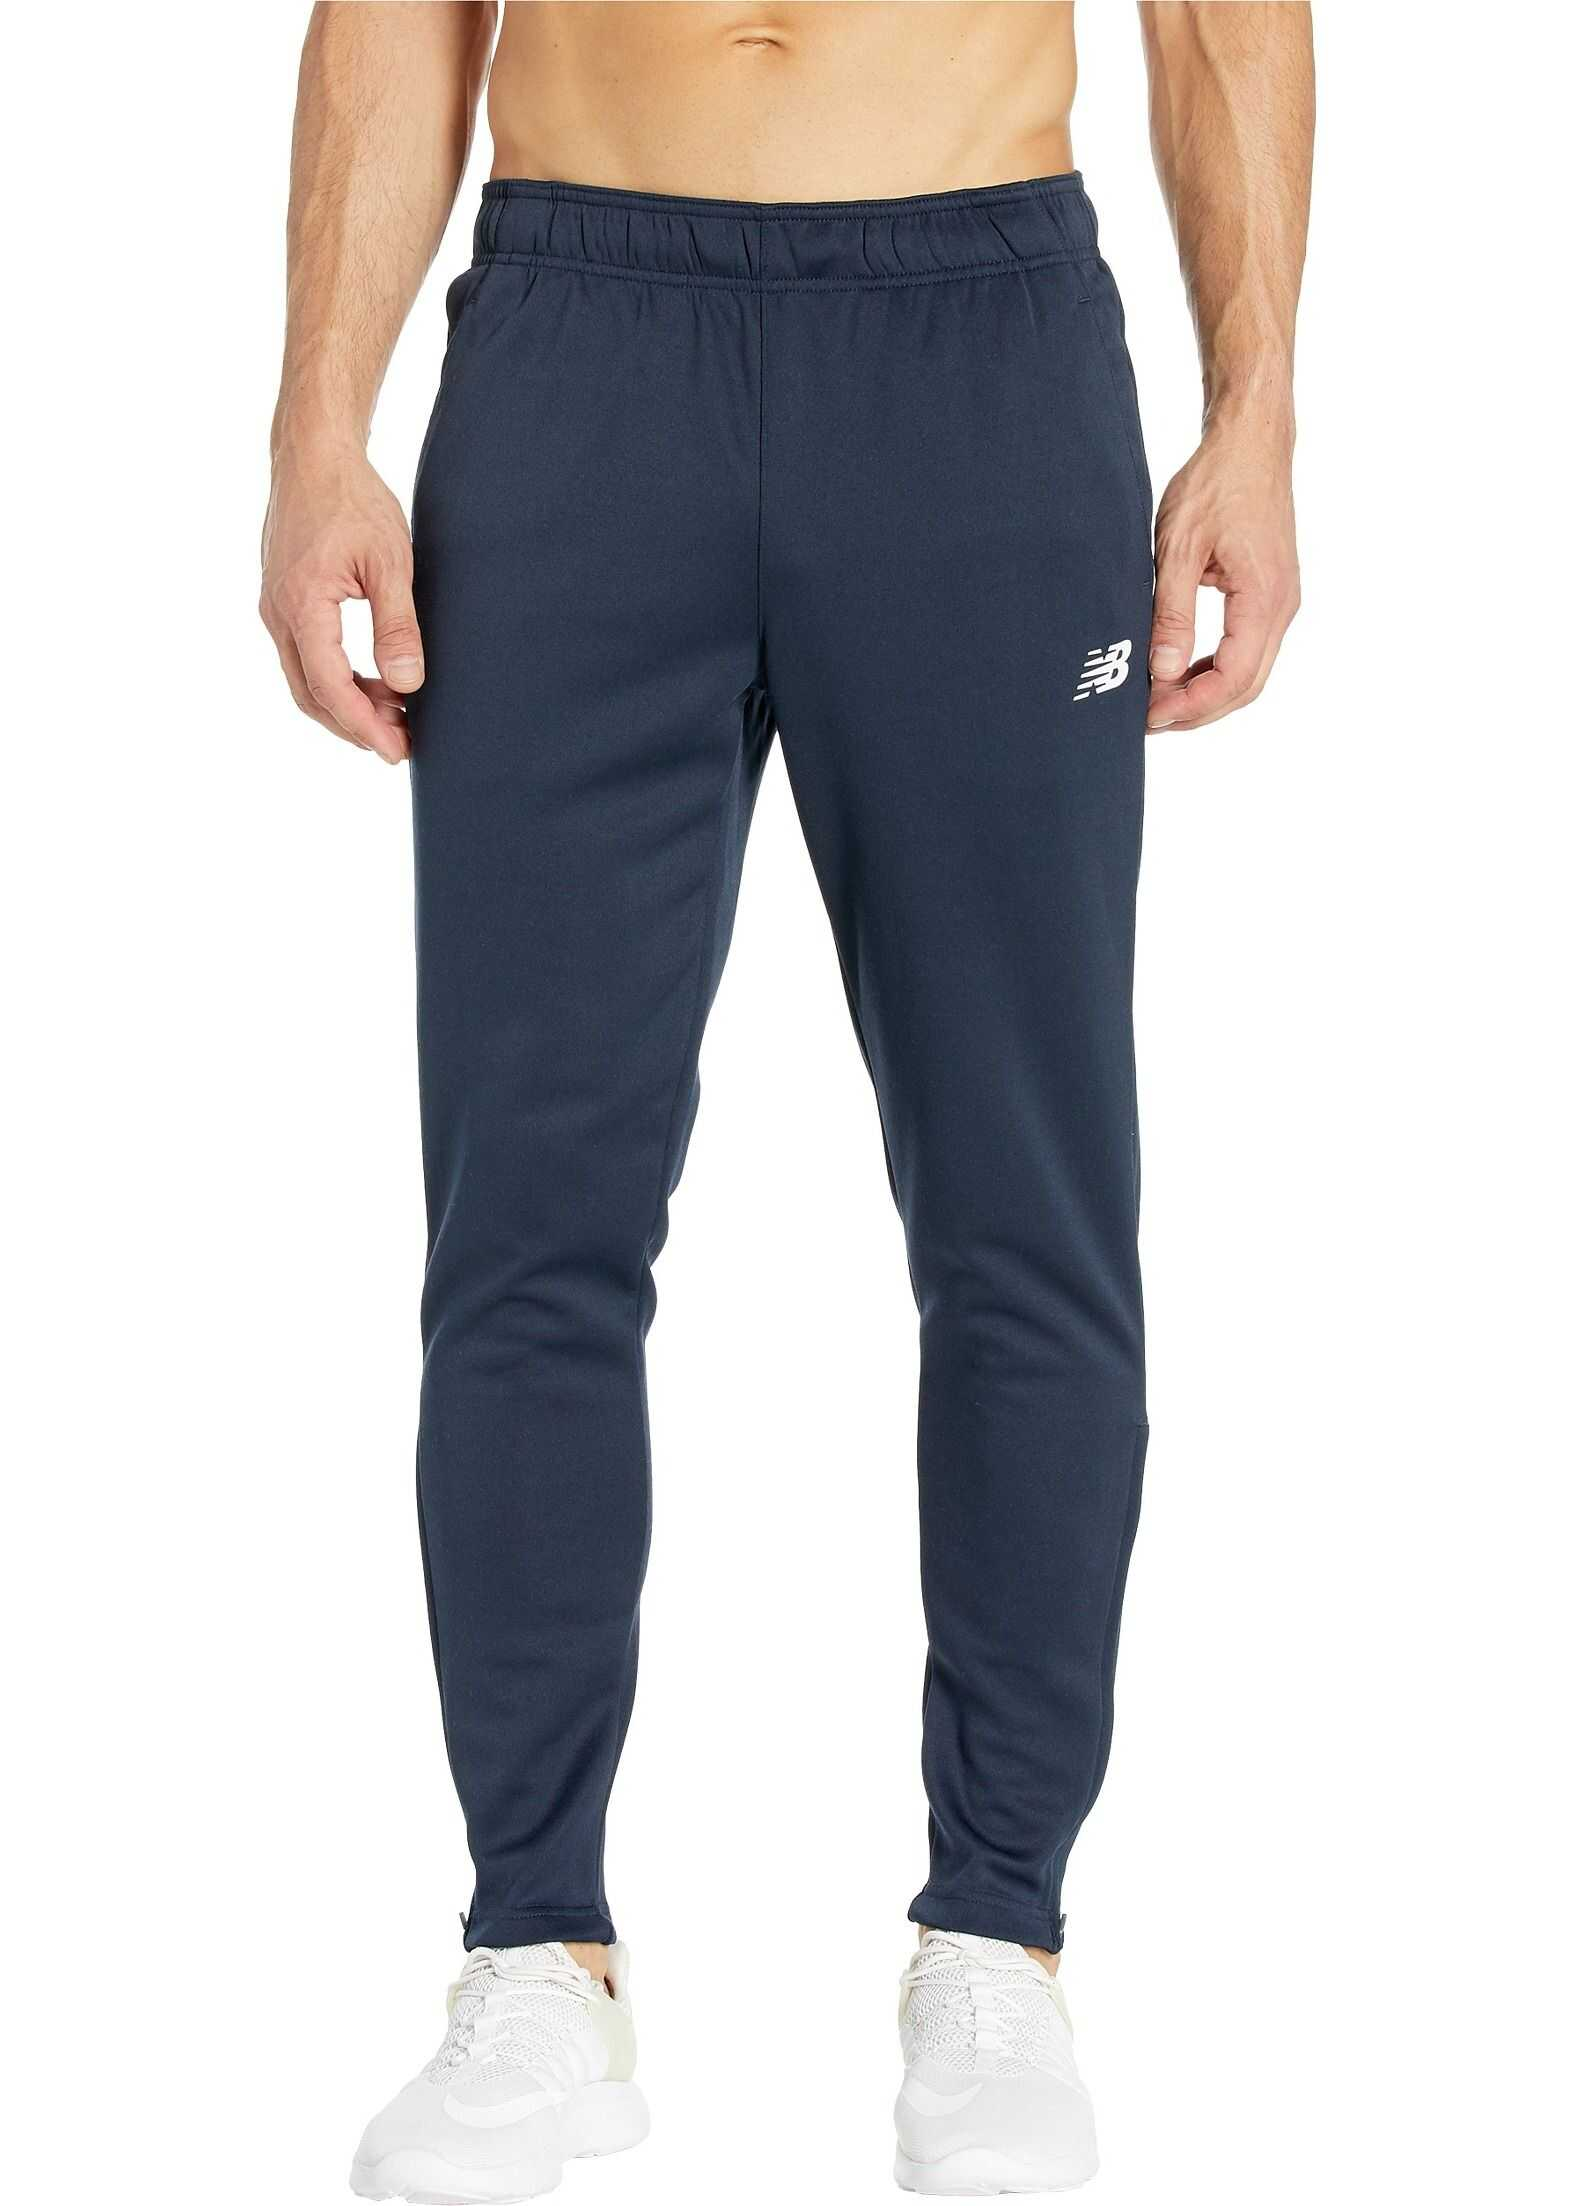 New Balance Tenacity Knit Pants Eclipse